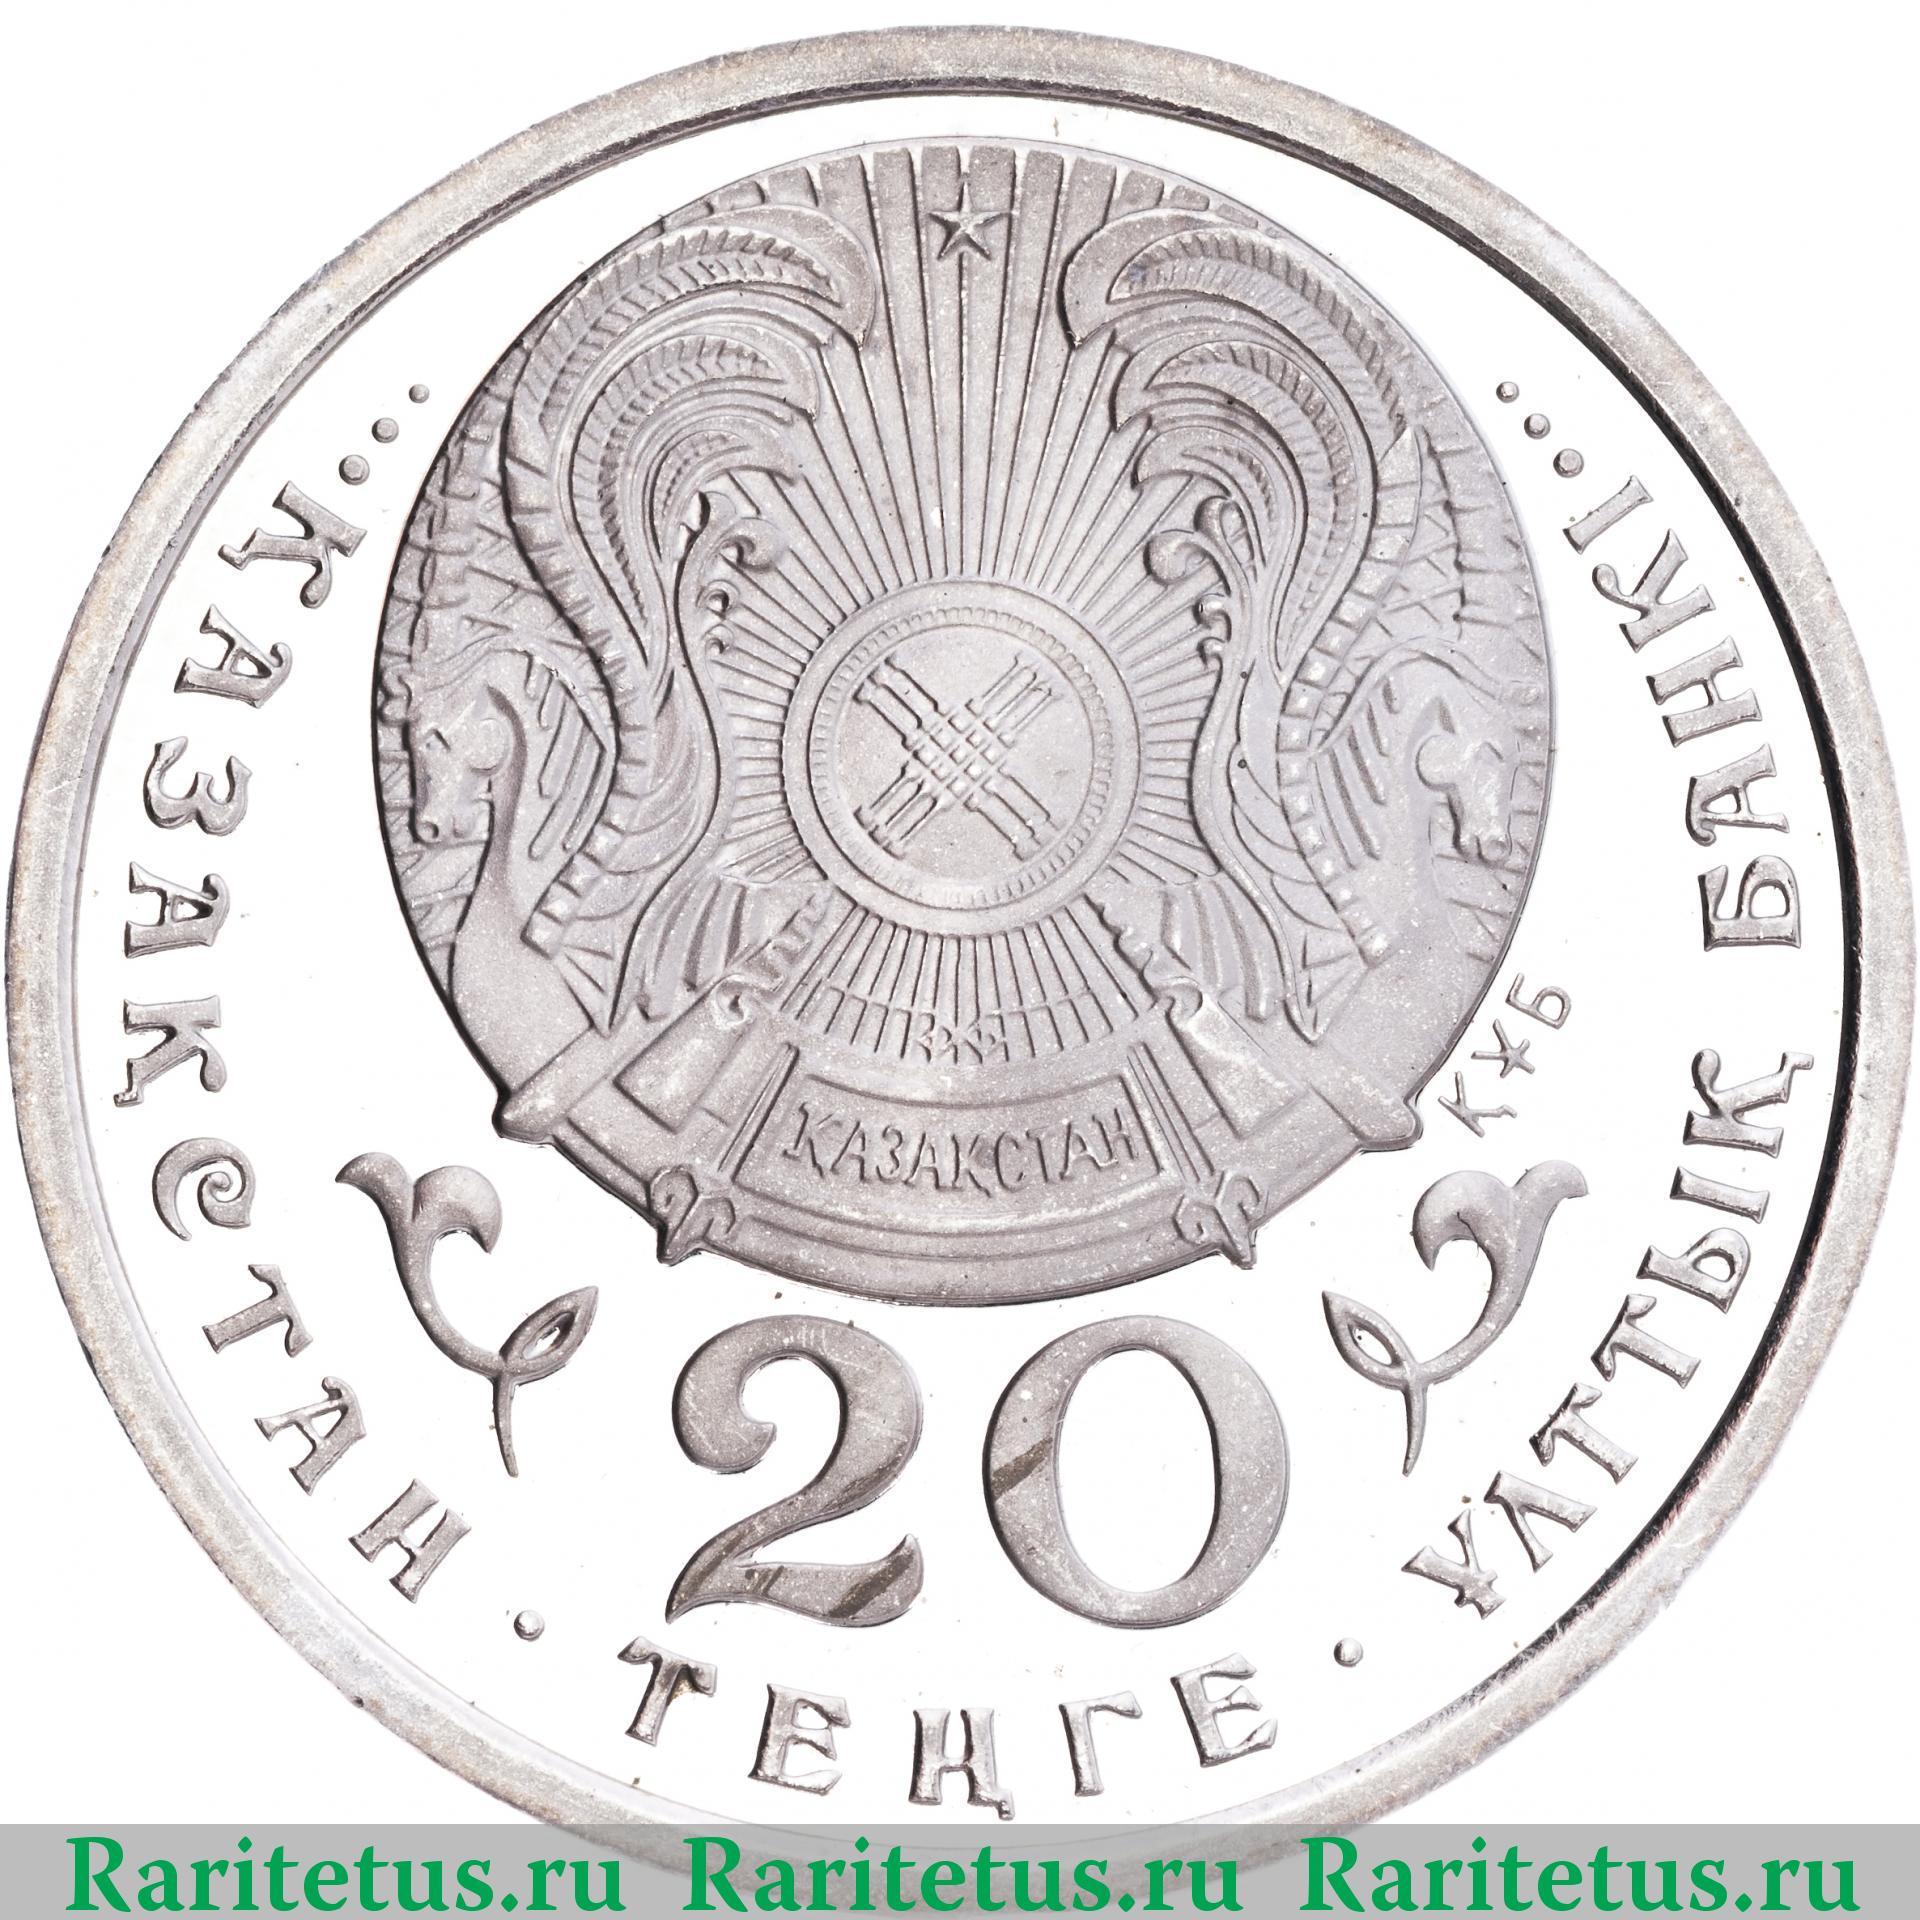 Цена монеты 20 тенге 2011 года листы для монет формата нумис российского производства